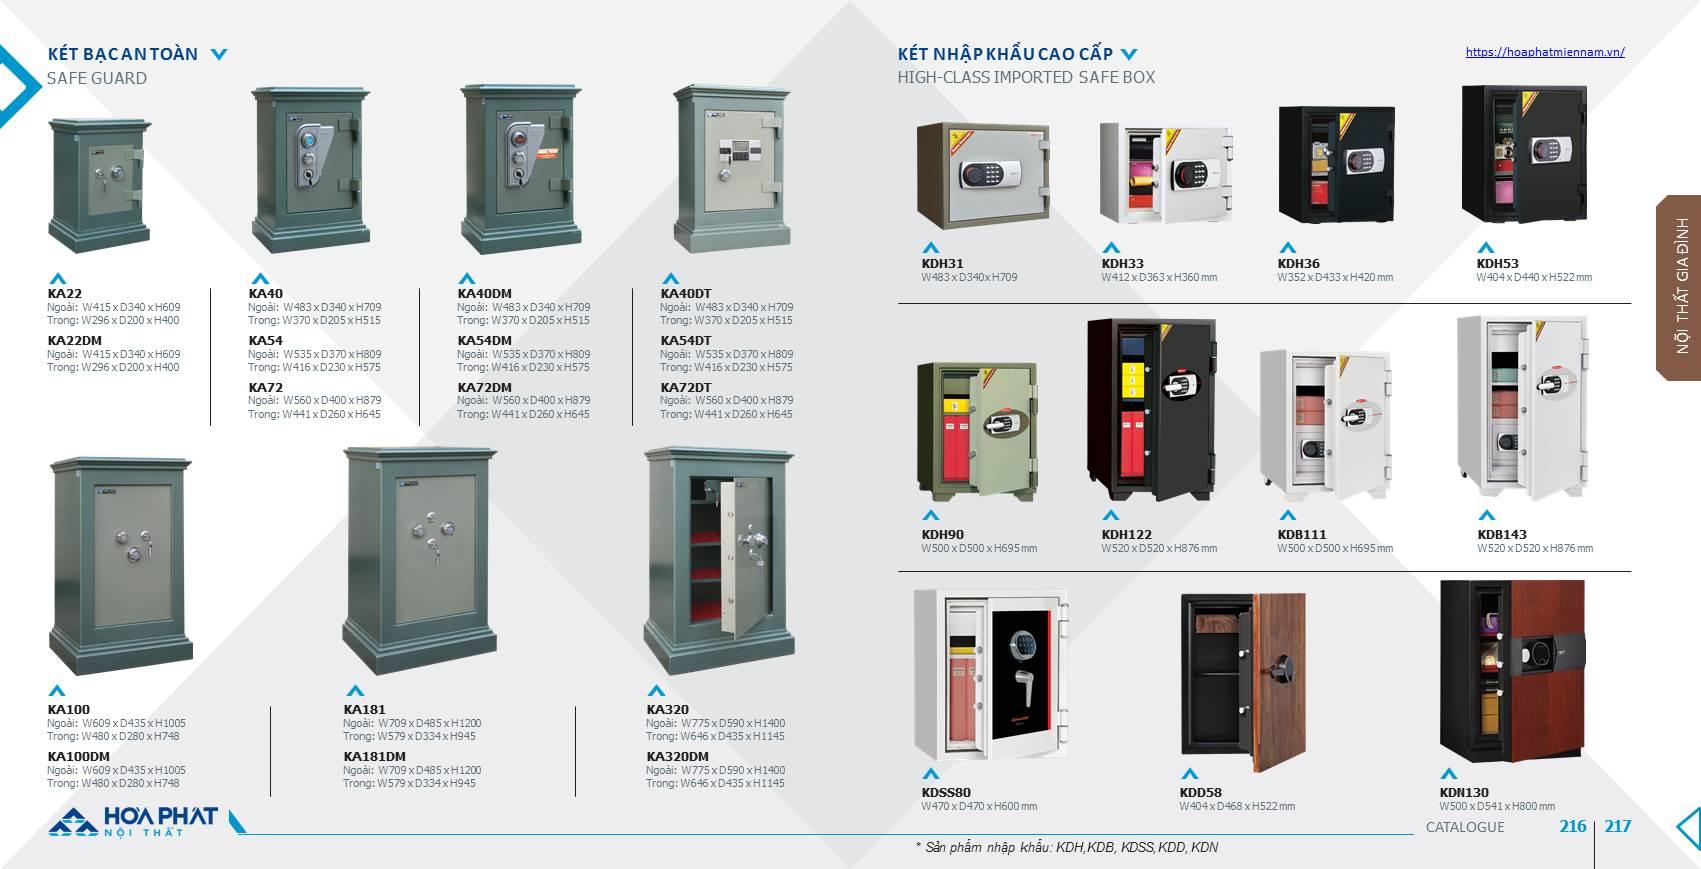 Catalogue két sắt Hòa Phát